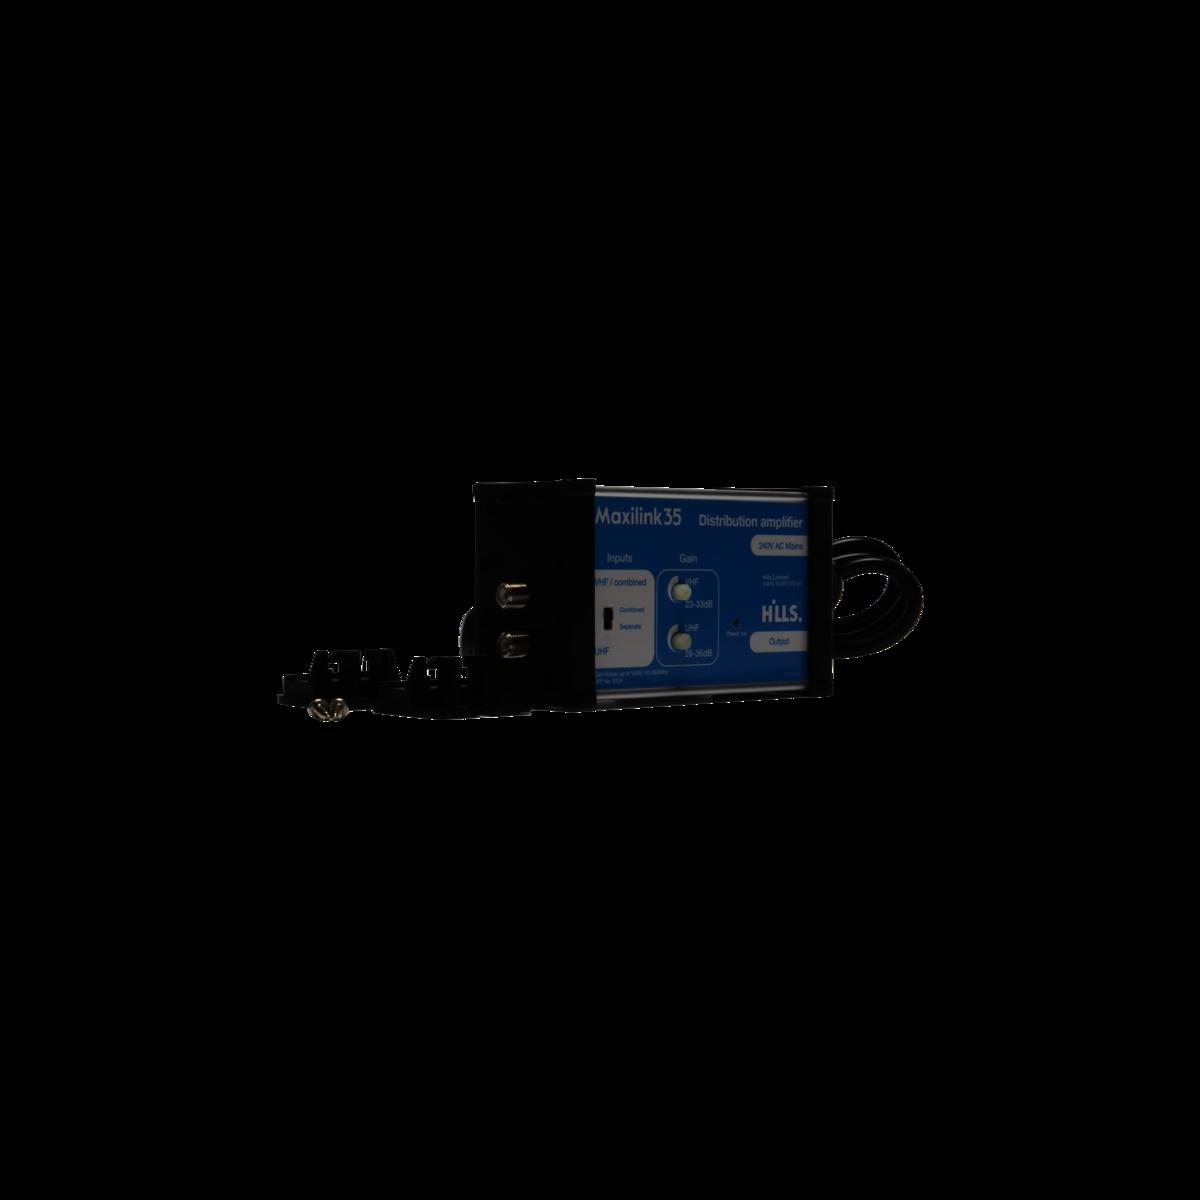 FC658002C_1image